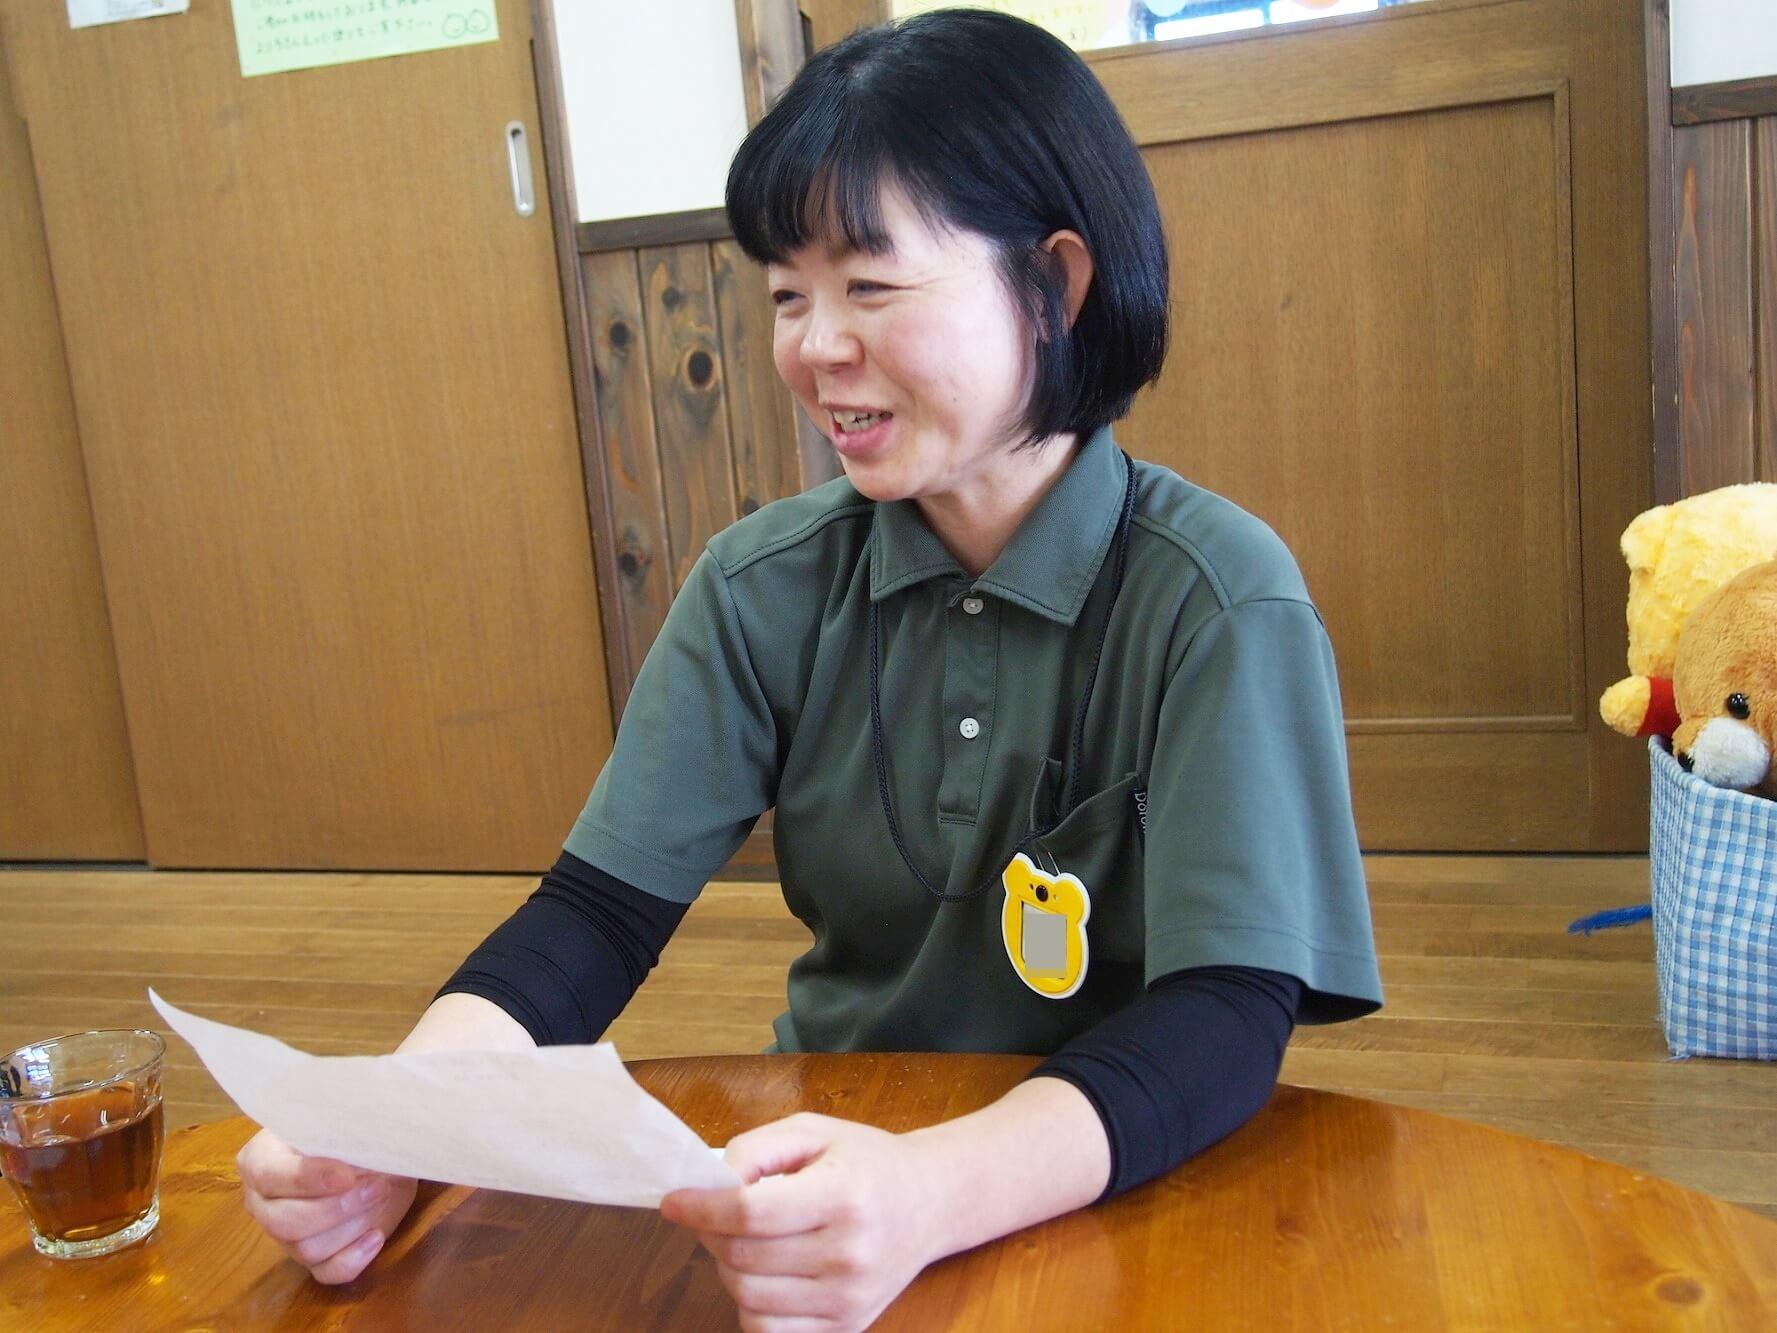 新座どろんこ保育園で主任を務める岩崎さん